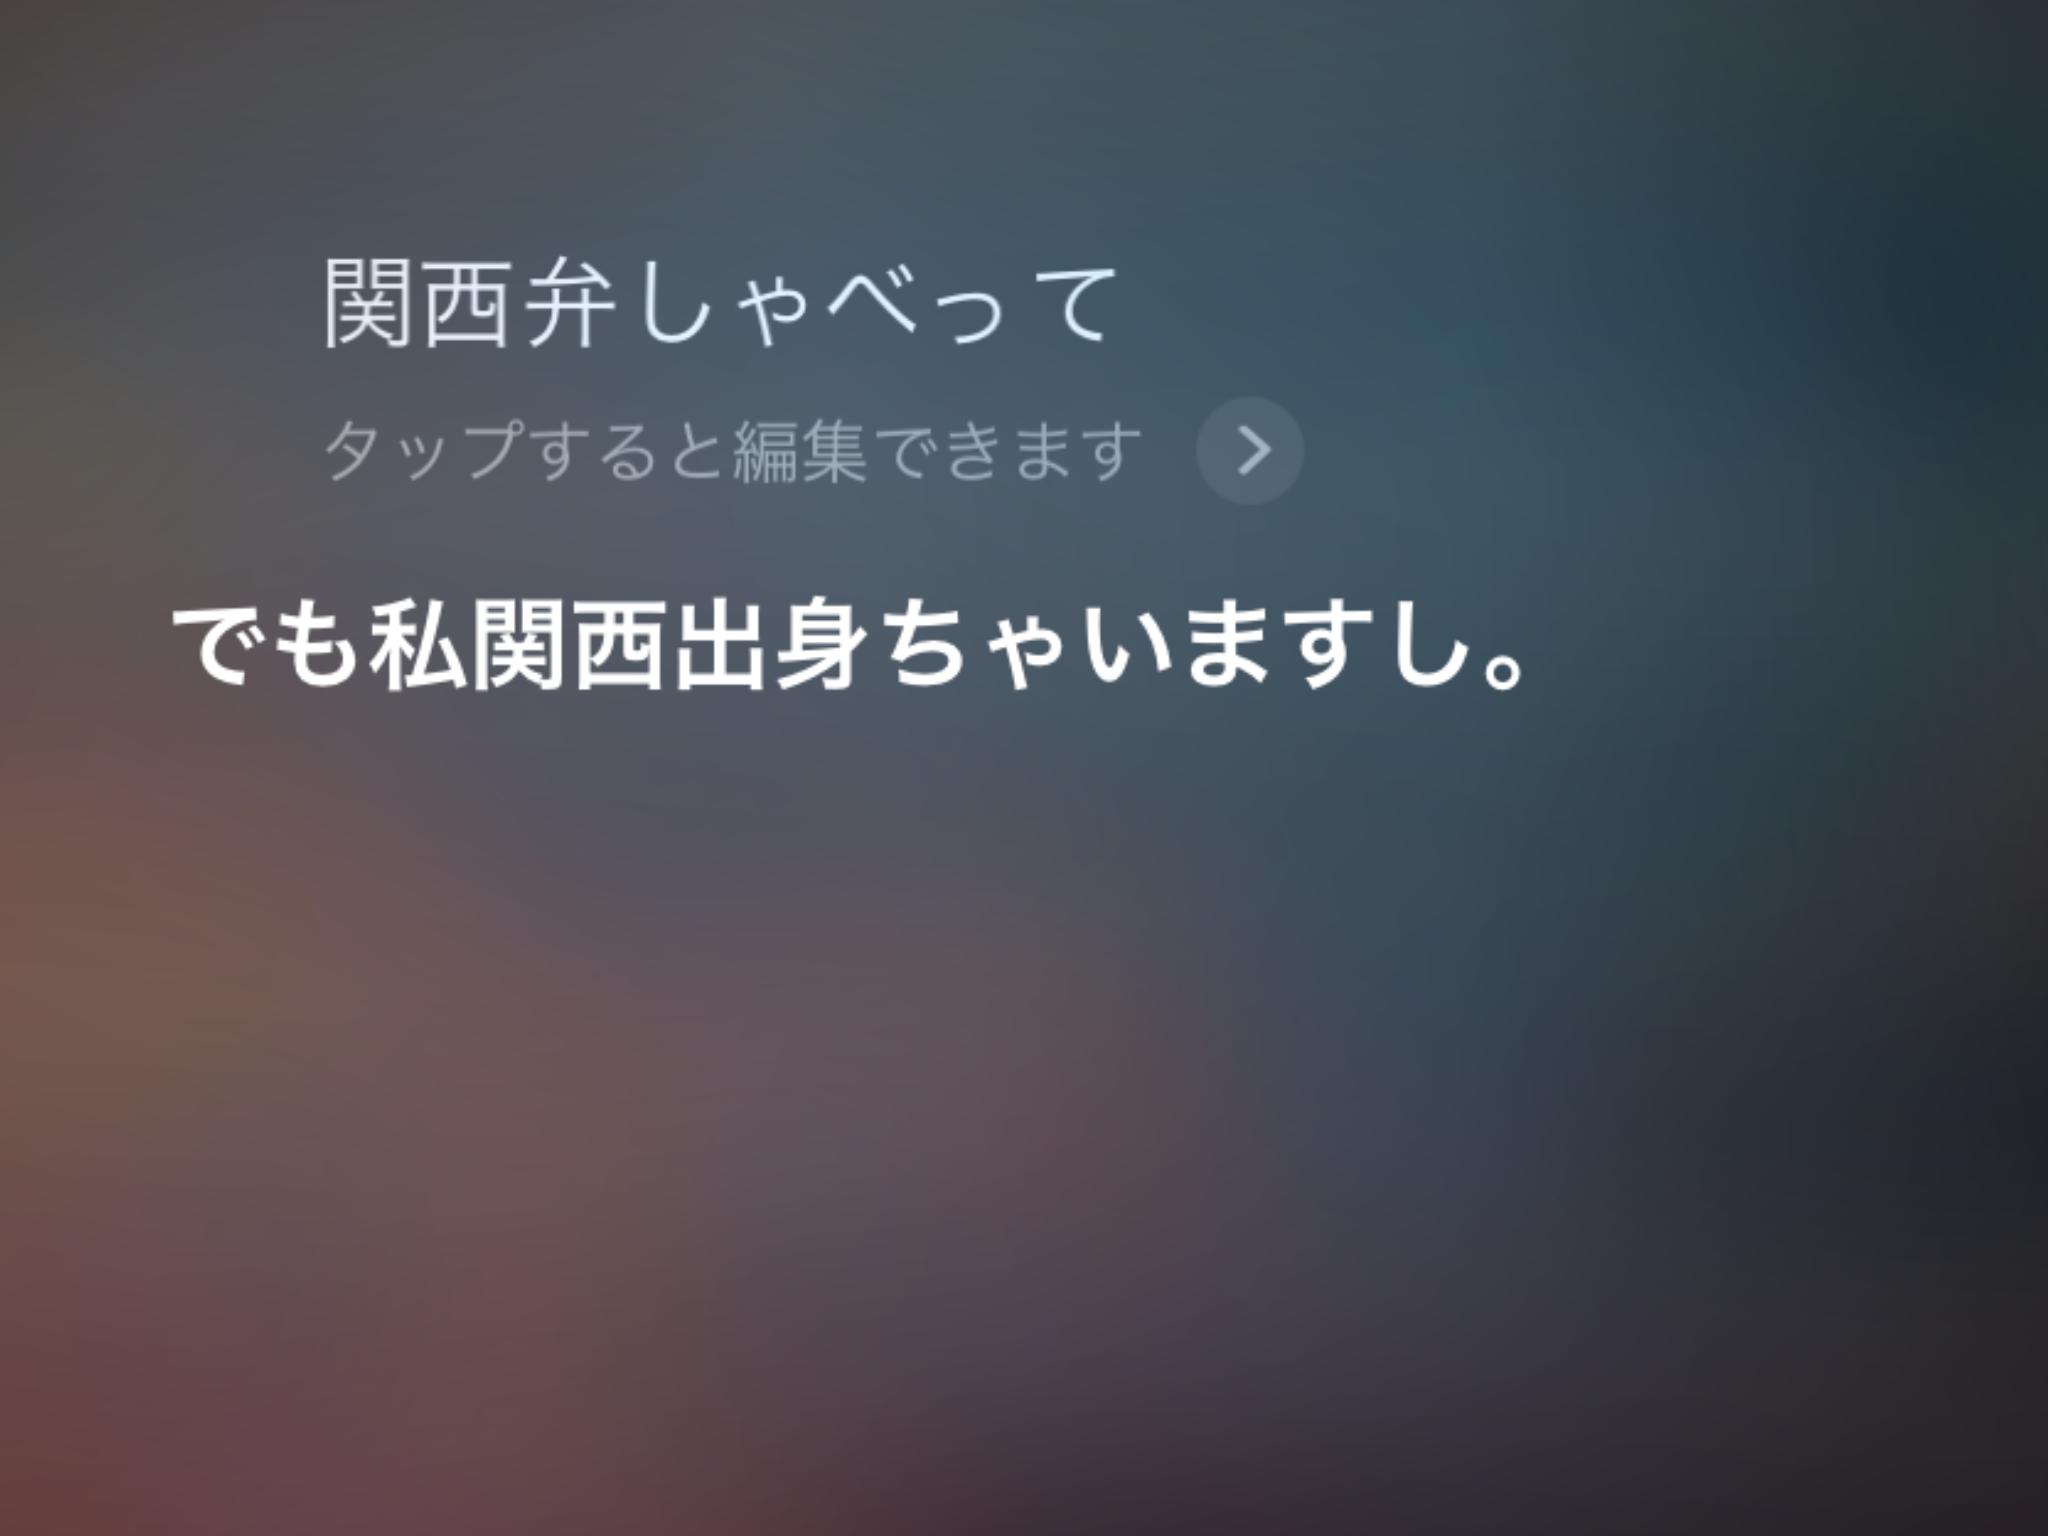 Siriに話しかけたら何て言われた?